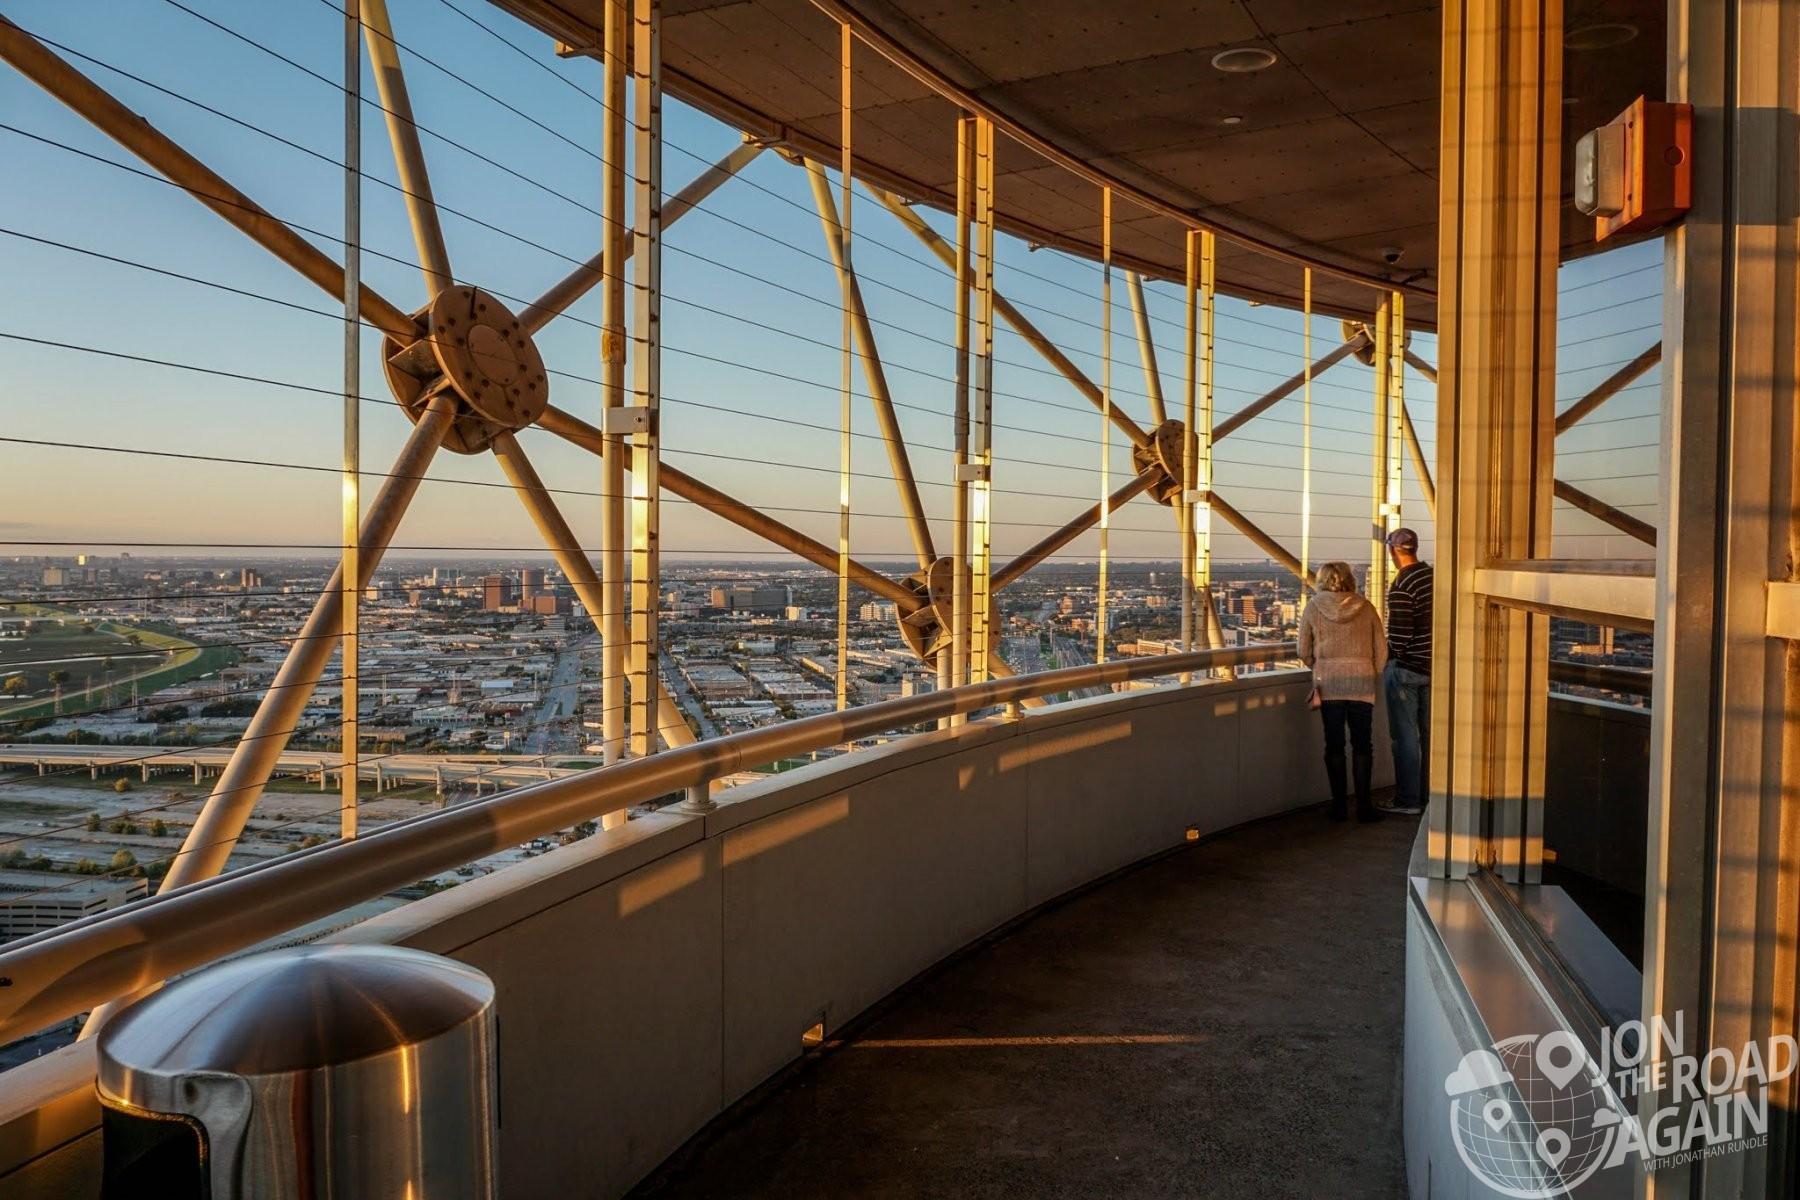 Outdoor observation deck